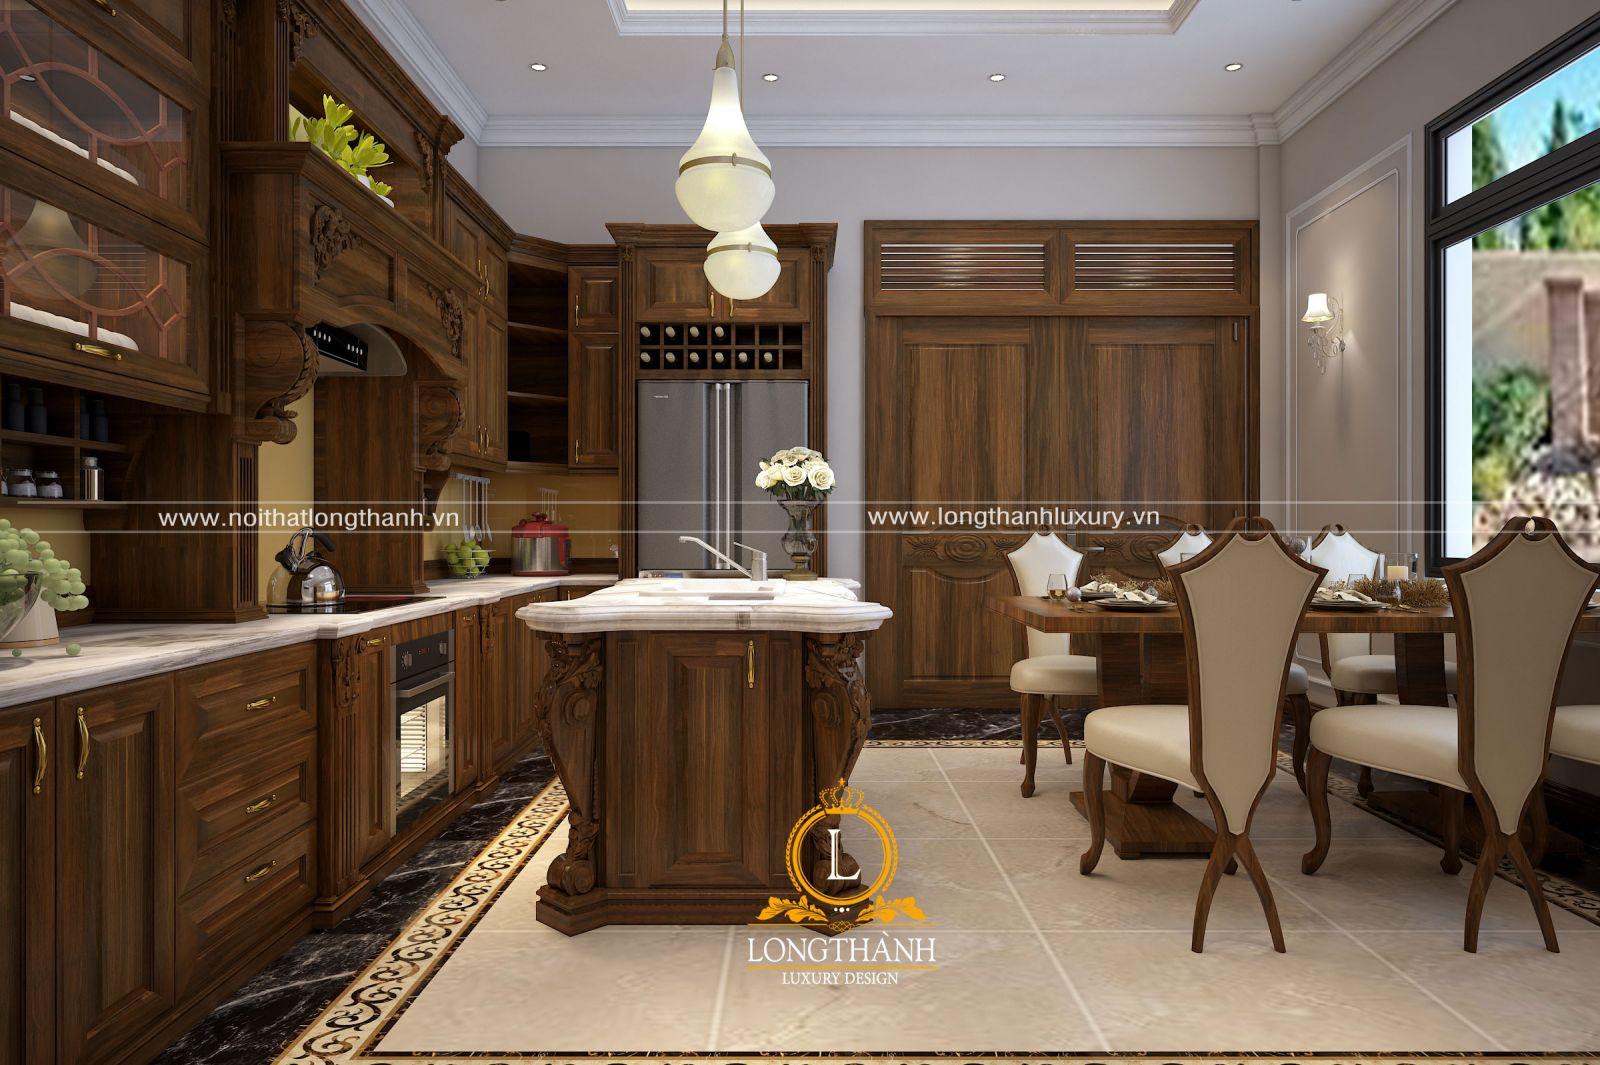 Thiết kế phòng bếp và phòng ăn cho nhà phố sử dụng gỗ Sồi tự nhiên